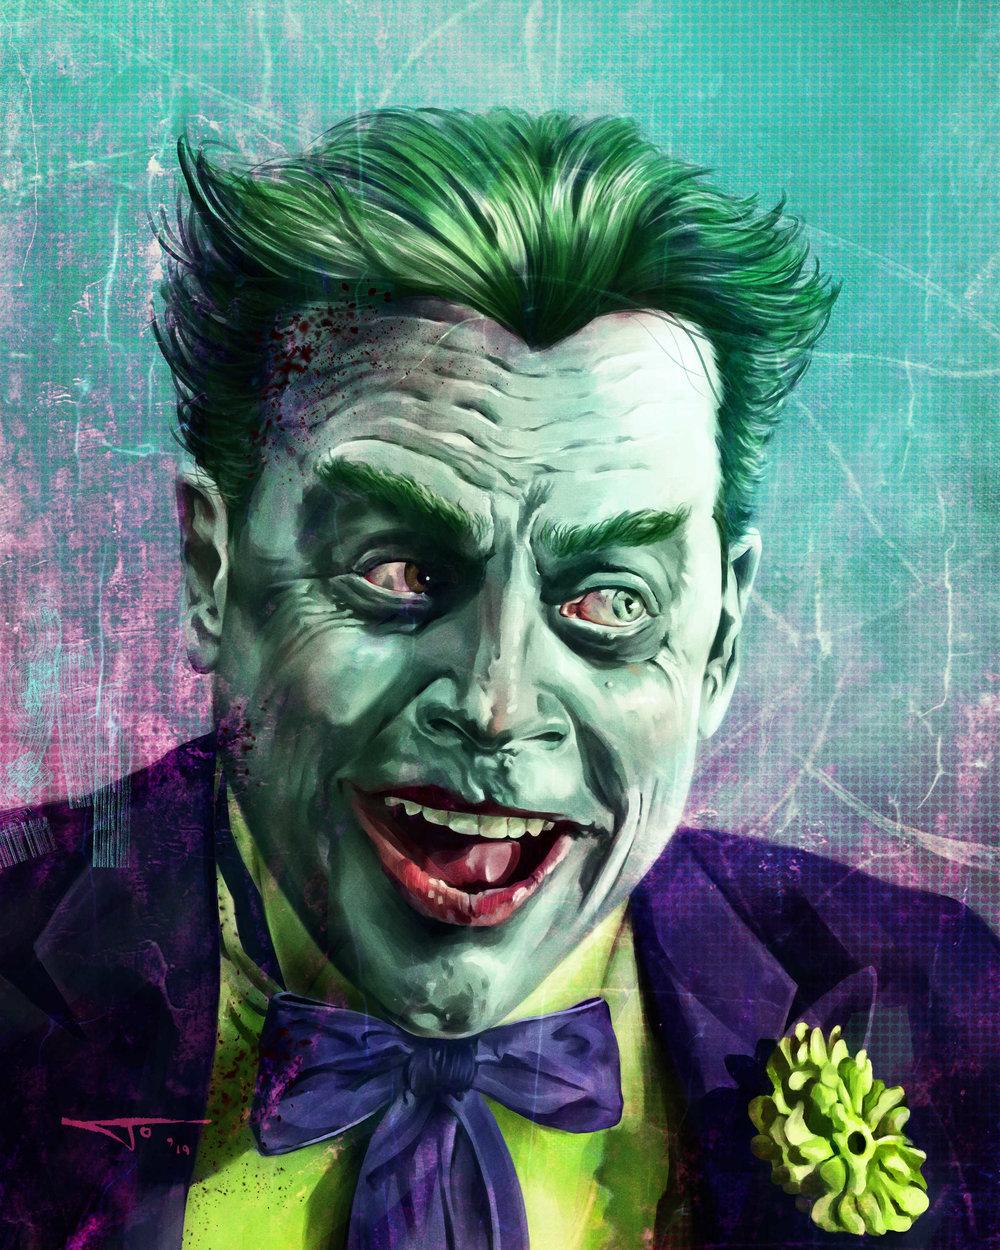 Joker Mark Hamill